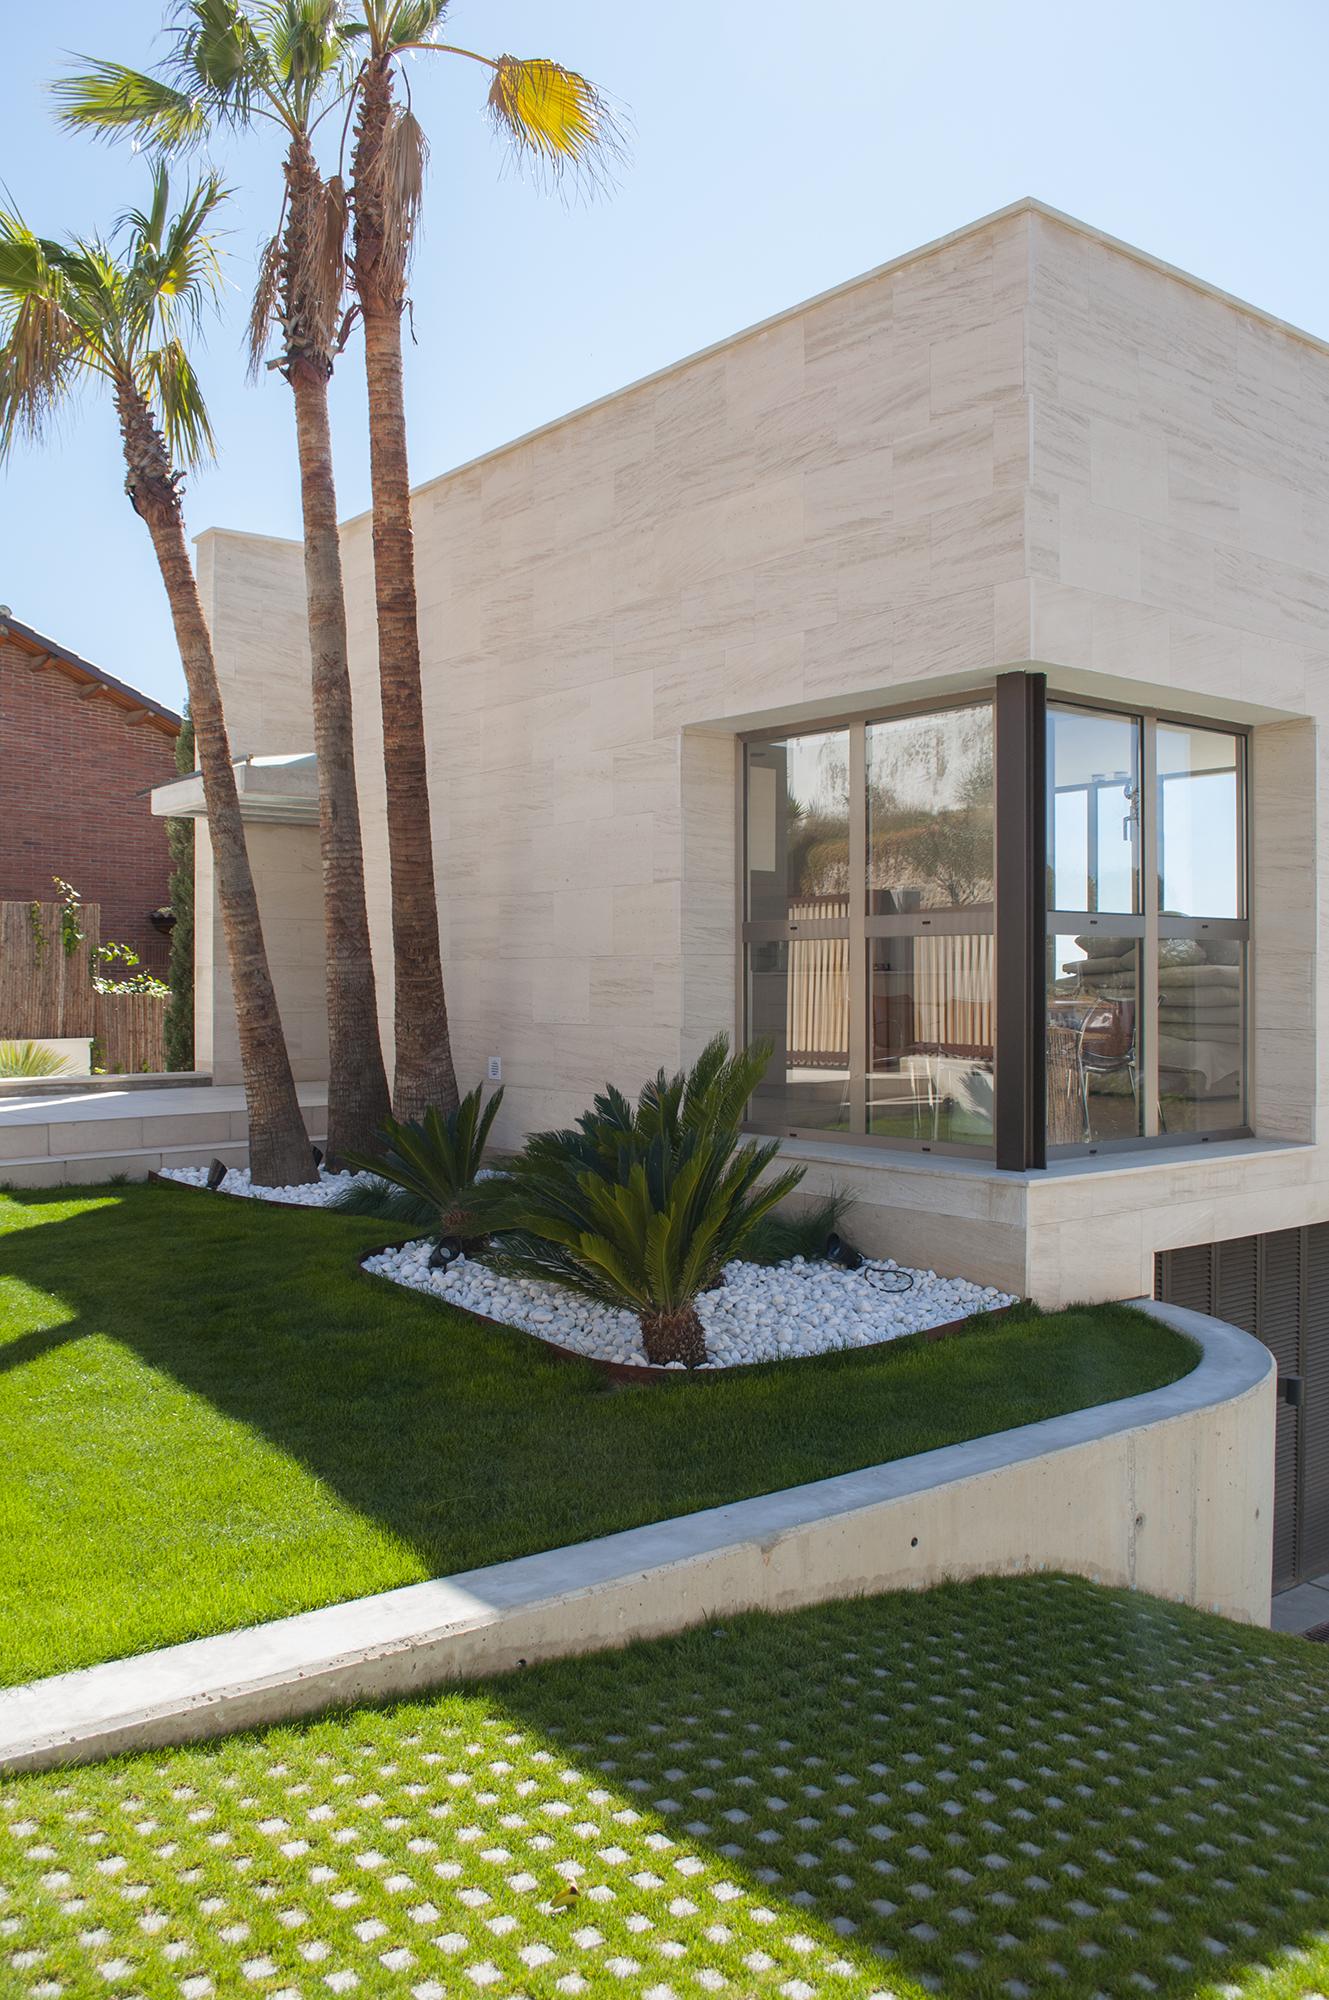 8-rardo-architects-casas-en-sitges-fachada-entrada-esquina-